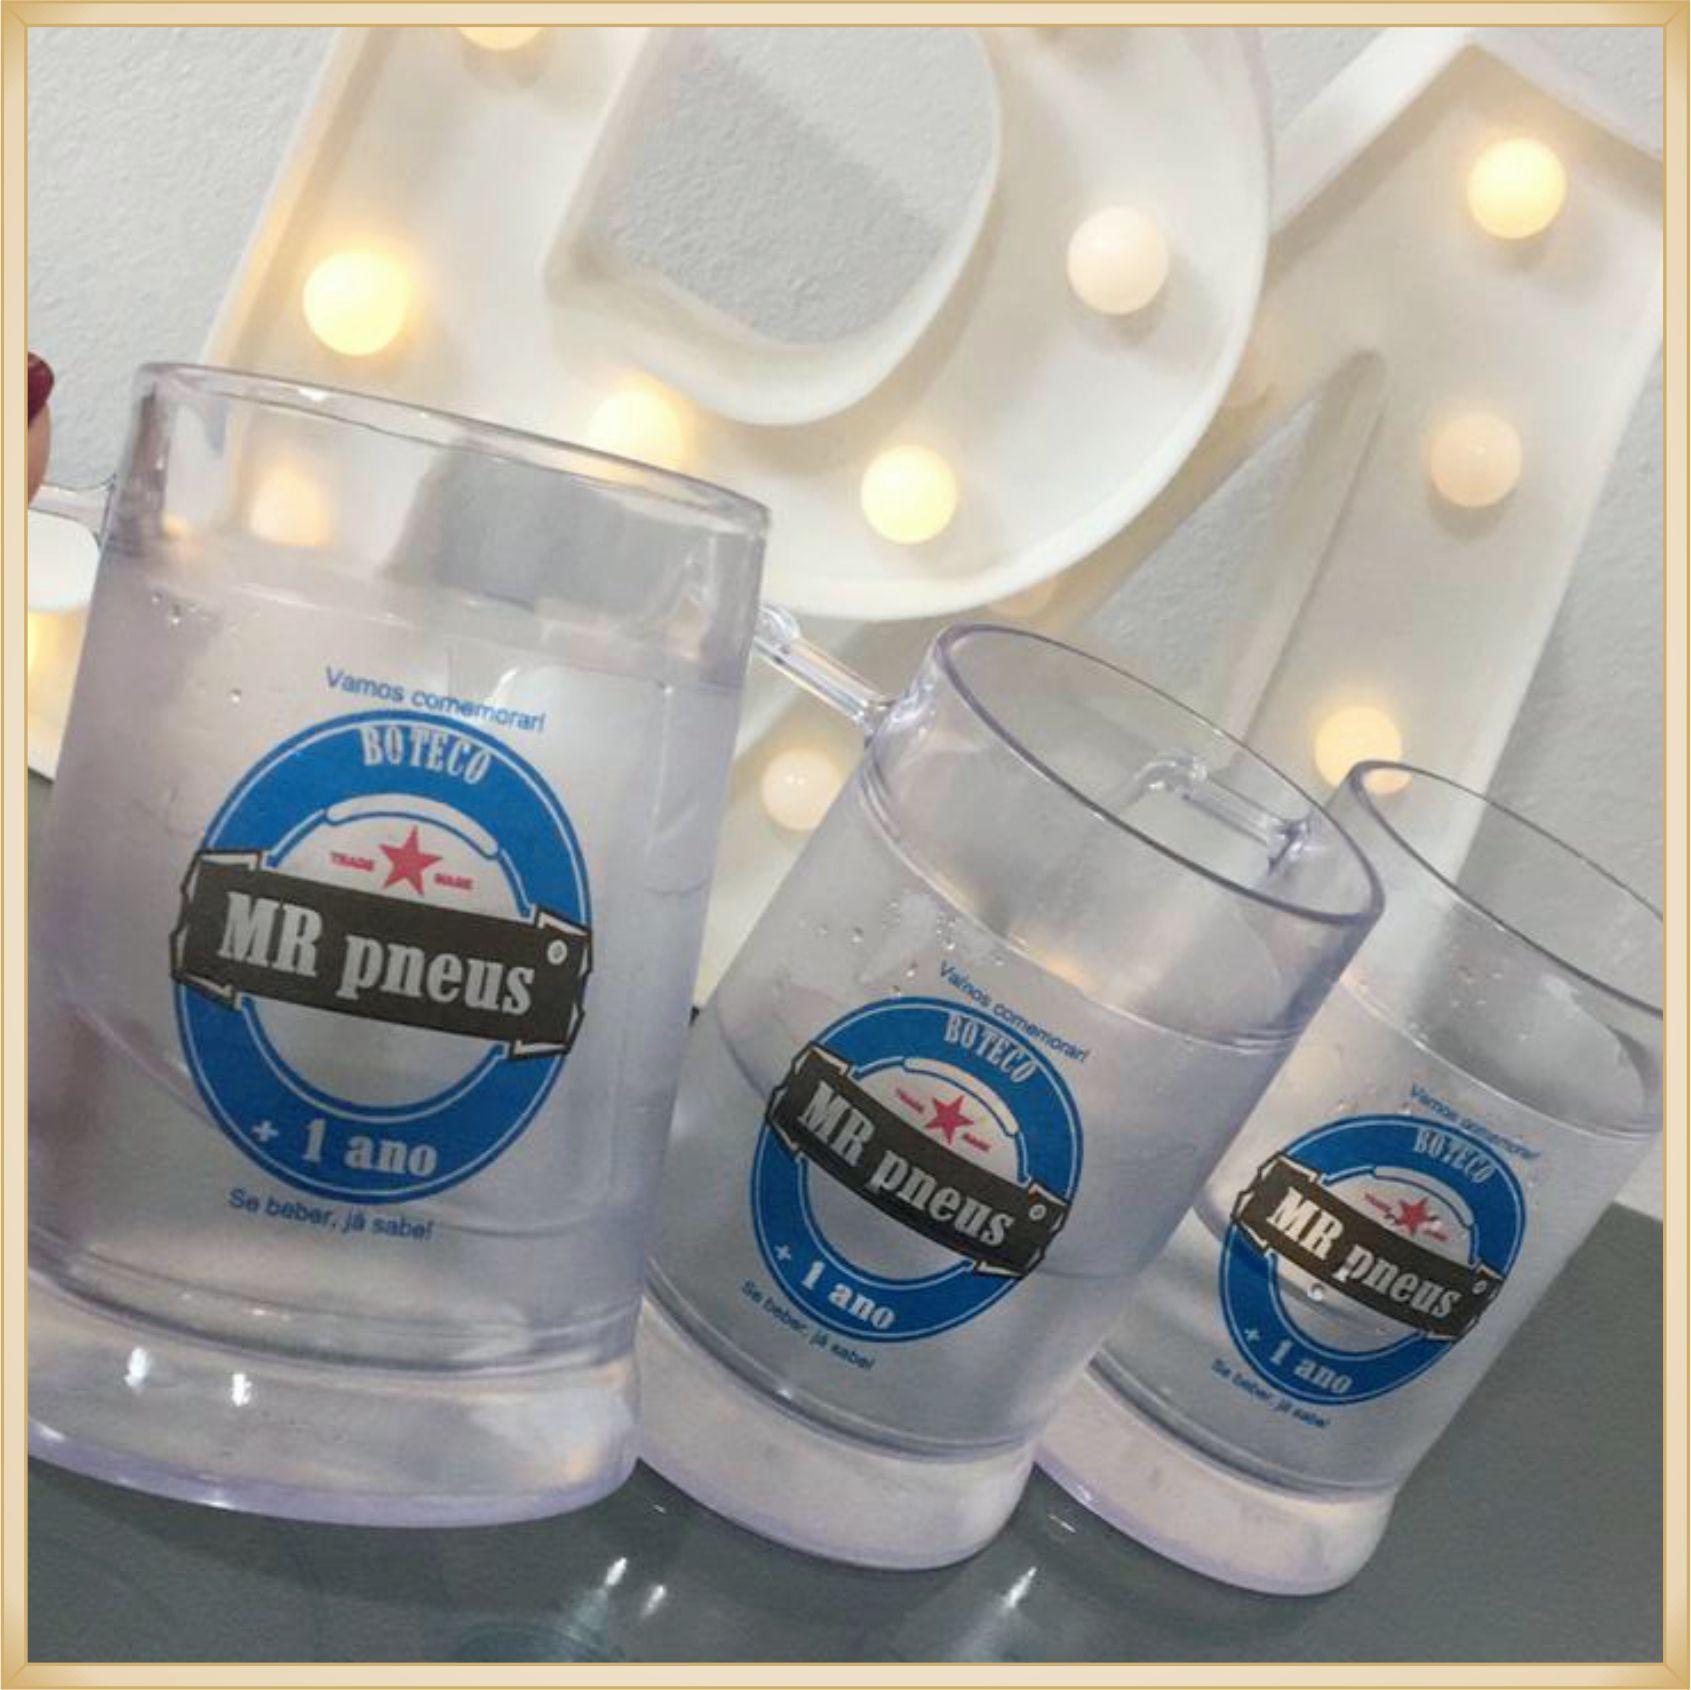 Canecas de gel personalizadas empresa - acrílico qualidade, ótimo acabamento, sistema de congelamento, parede dupla, 340 ml. - kit 30 unidades